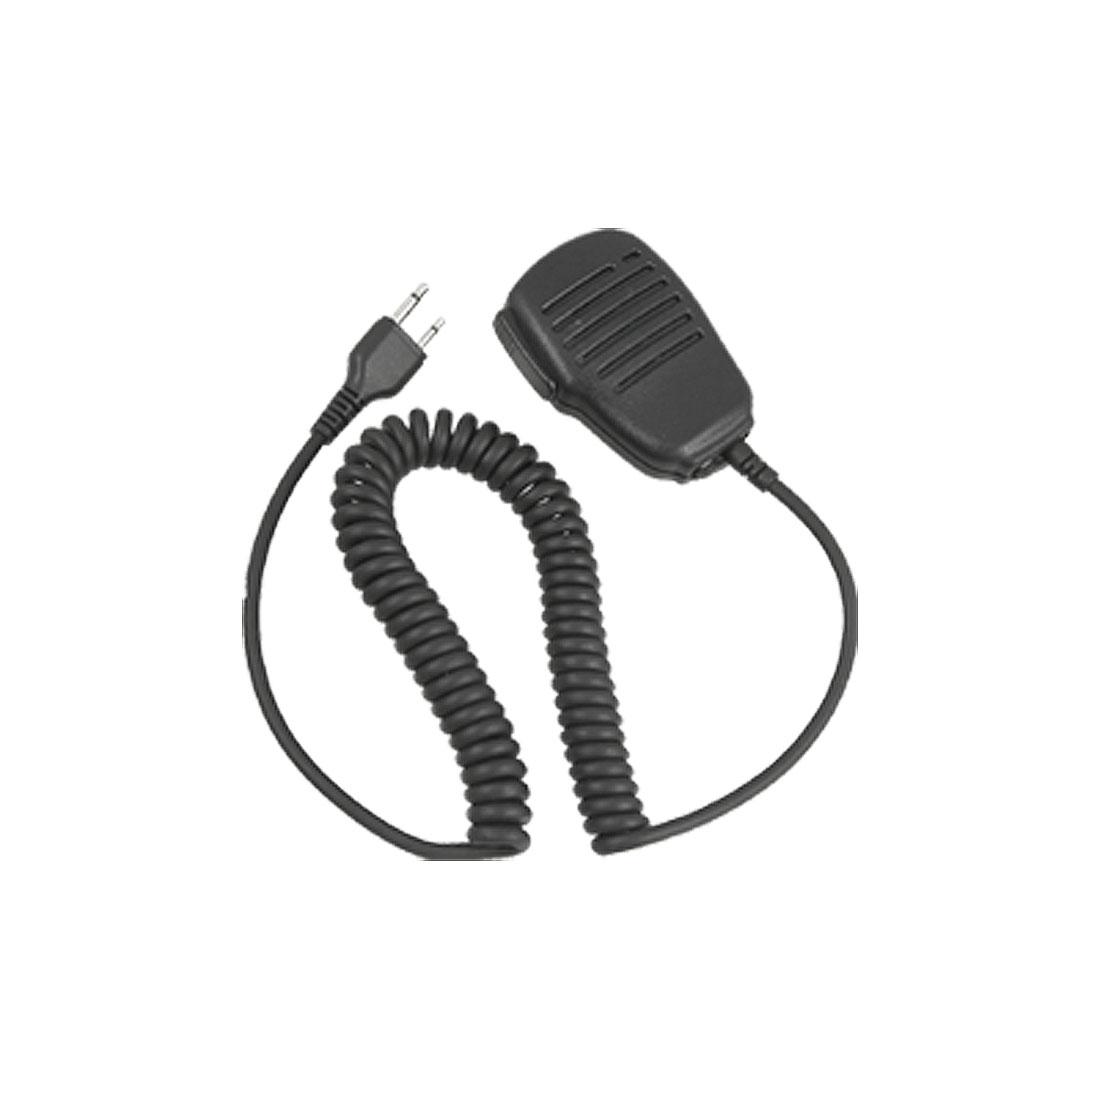 Walkie Talkie Handheld Speaker Microphone for Icom C150